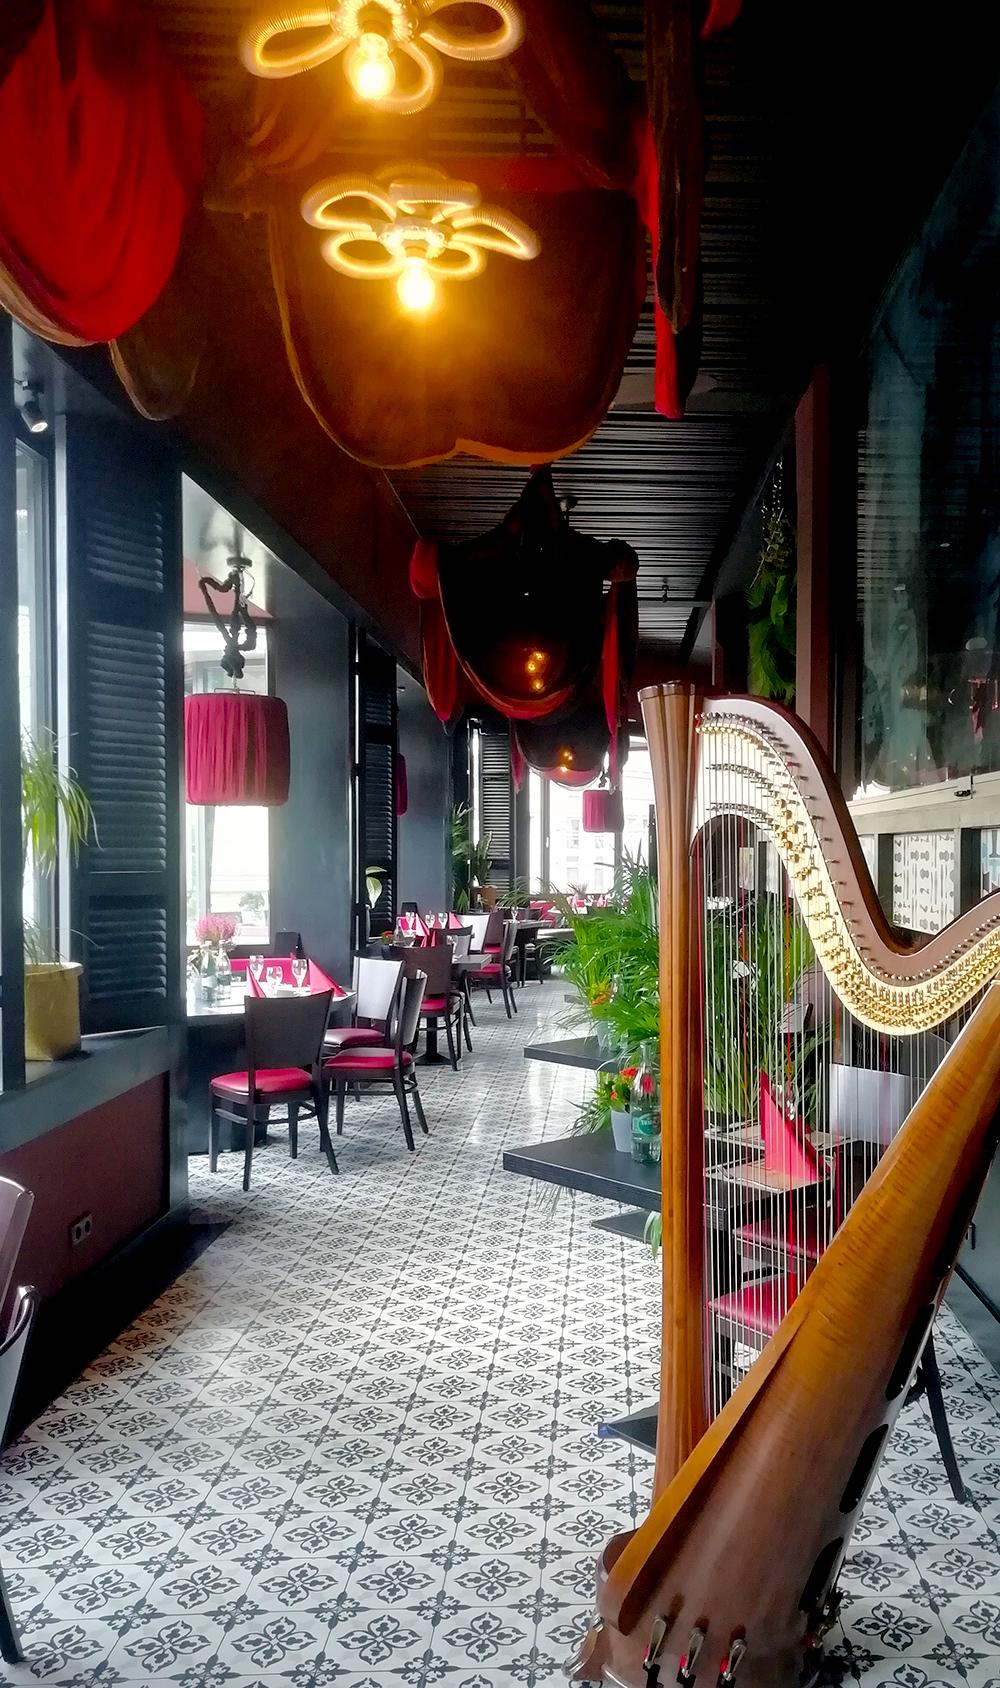 Harfenmusik,Harfenistin, Harfinistin, Harfistin, Harfenspielerin, Coronakonform, Eventmusik , klassische Musik, asiatisches Restaurant,vietnamesisches Restaurant Berlin, Ngon,